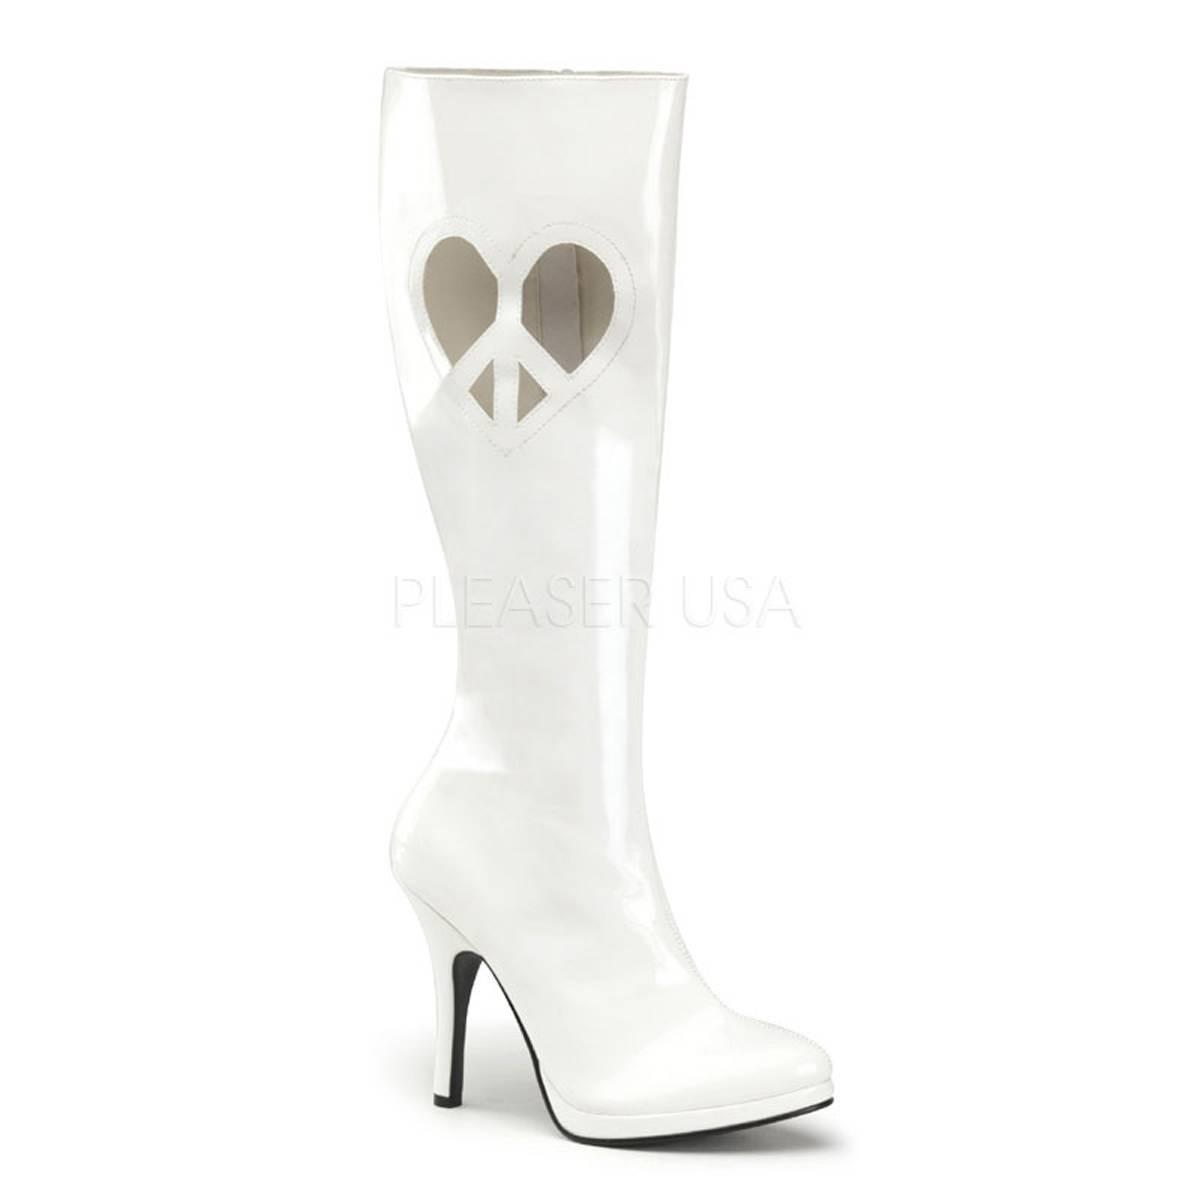 Stiefel - LOVE 270 ° Damen Stiefel ° Weiß Glänzend ° Funtasma  - Onlineshop RedSixty